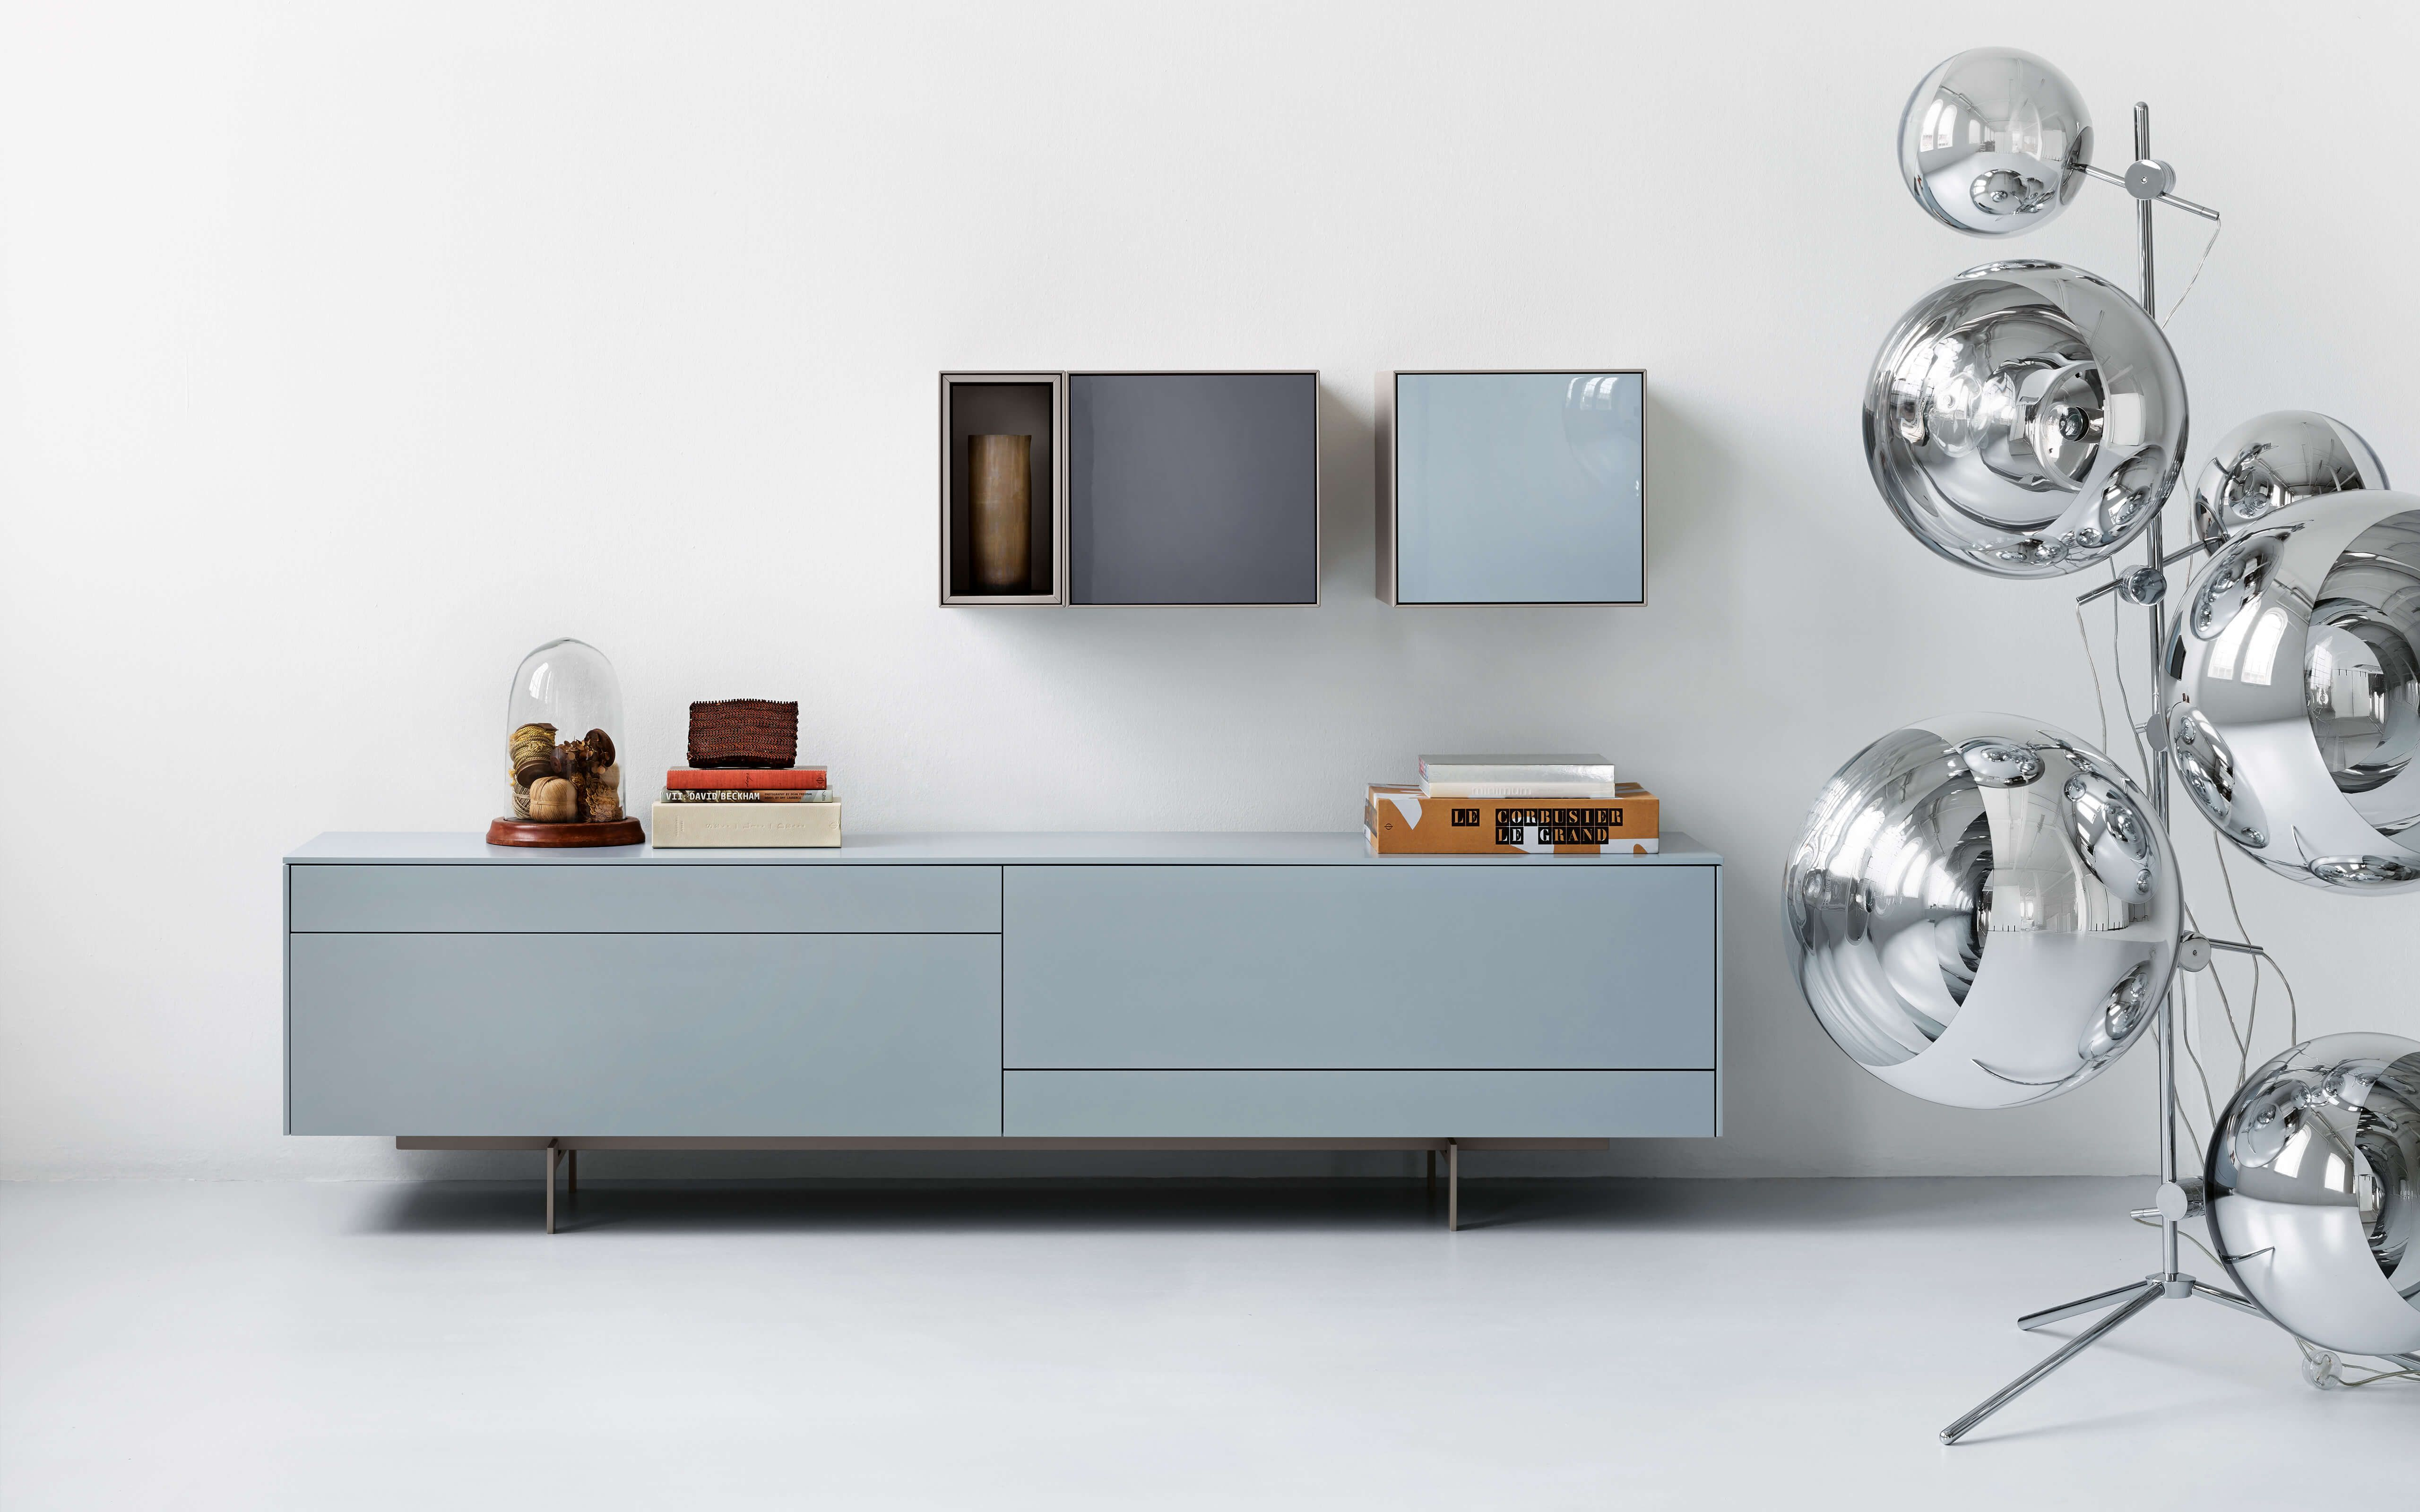 Die Besten 25+ Sideboard Hochglanz Ideen Auf Pinterest   Wohnwand Weiß  Hochglanz, Tv Wand Hochglanz Und Tv Wand Hochglanz Weiß